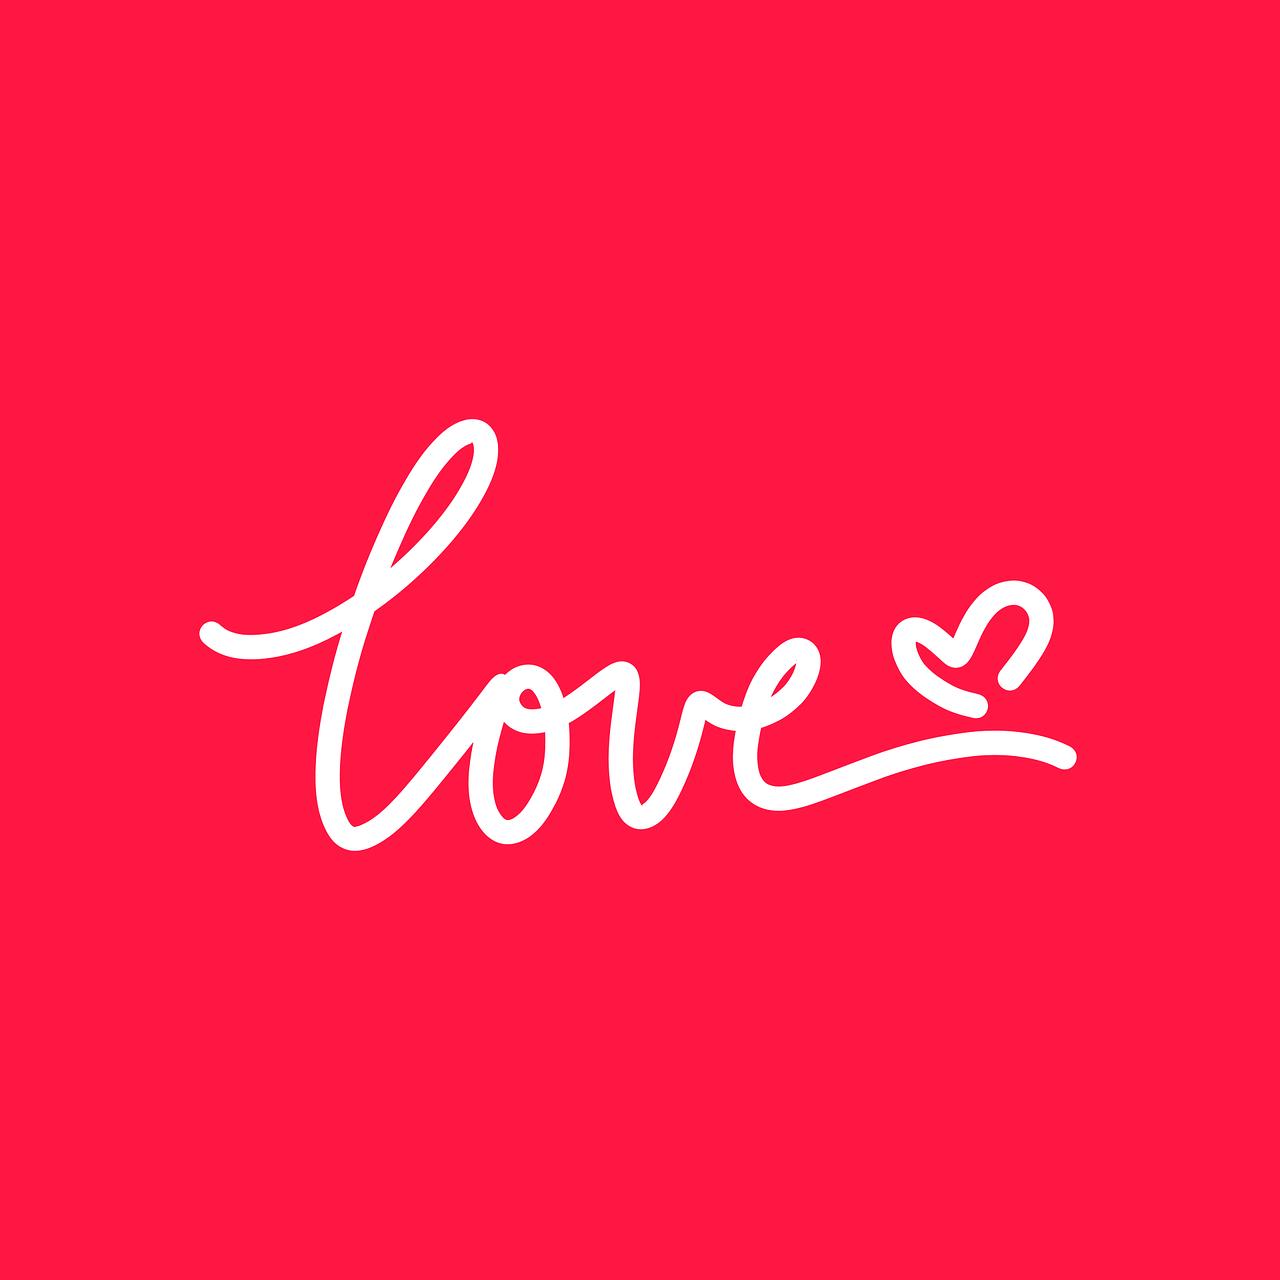 Plakat med kærligt budskab